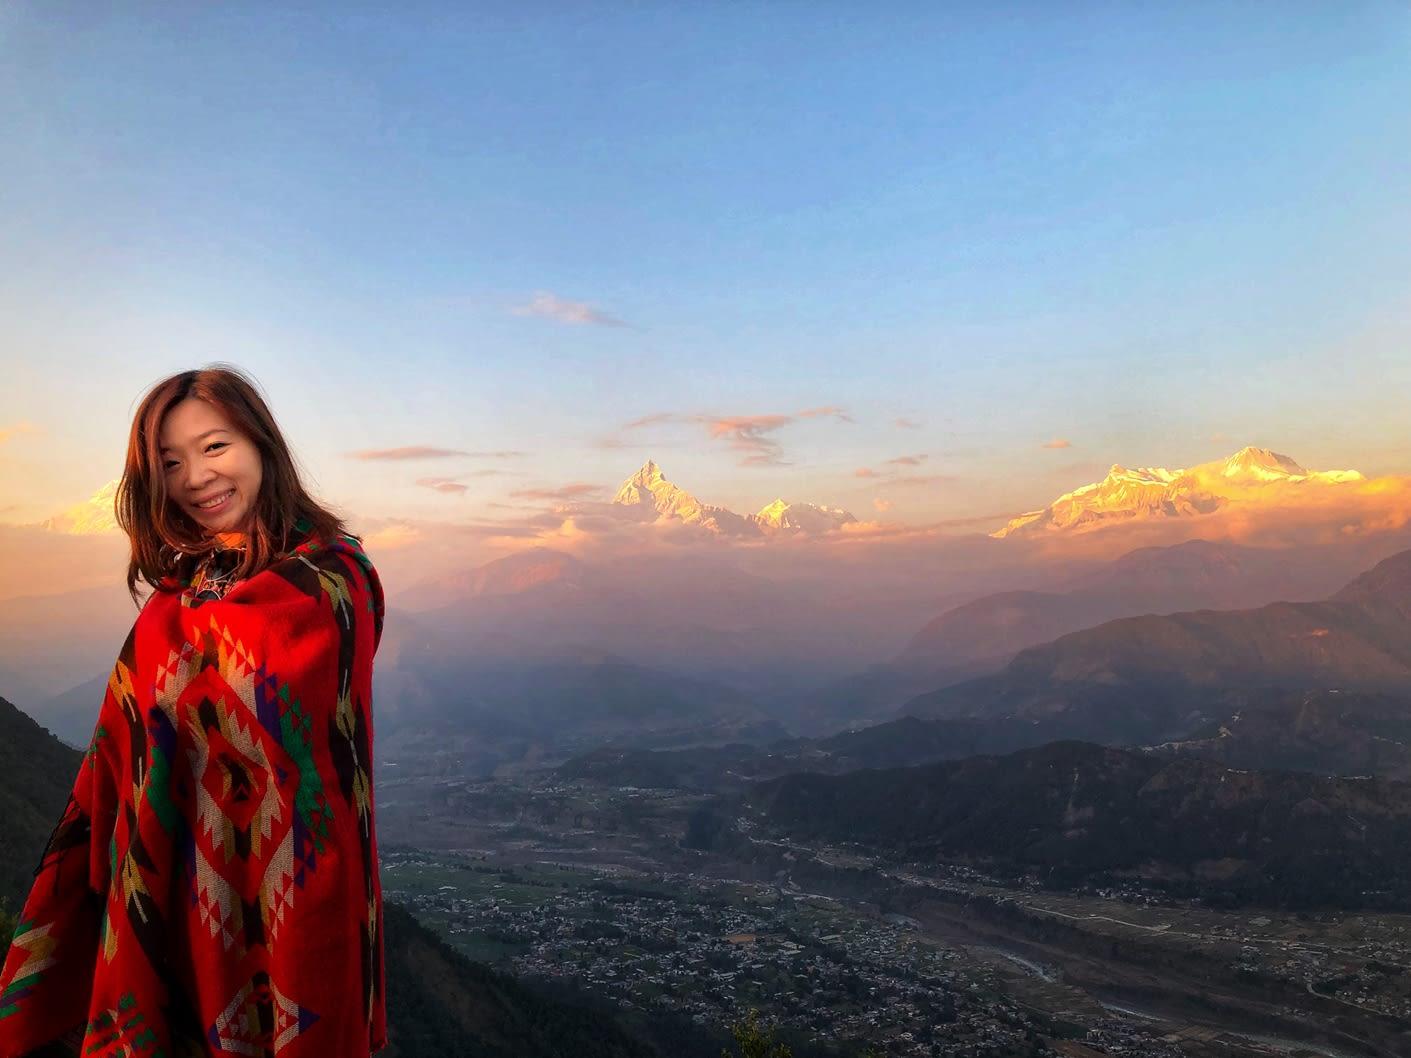 du lịch nepal: hoàng hôn sarangkot